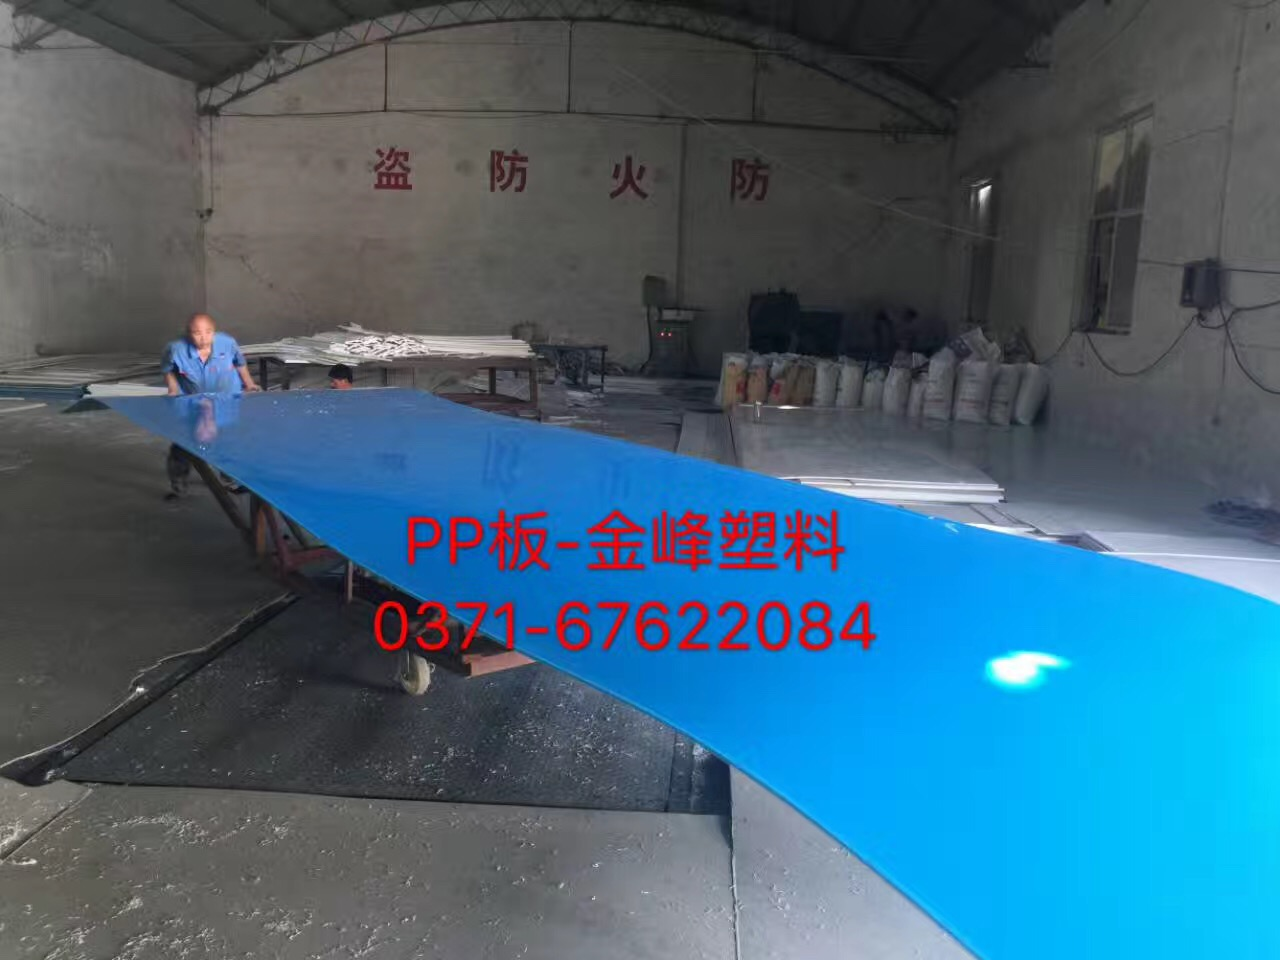 江西pp板材 卓越的pp板材生产厂家就是郑州金峰塑料